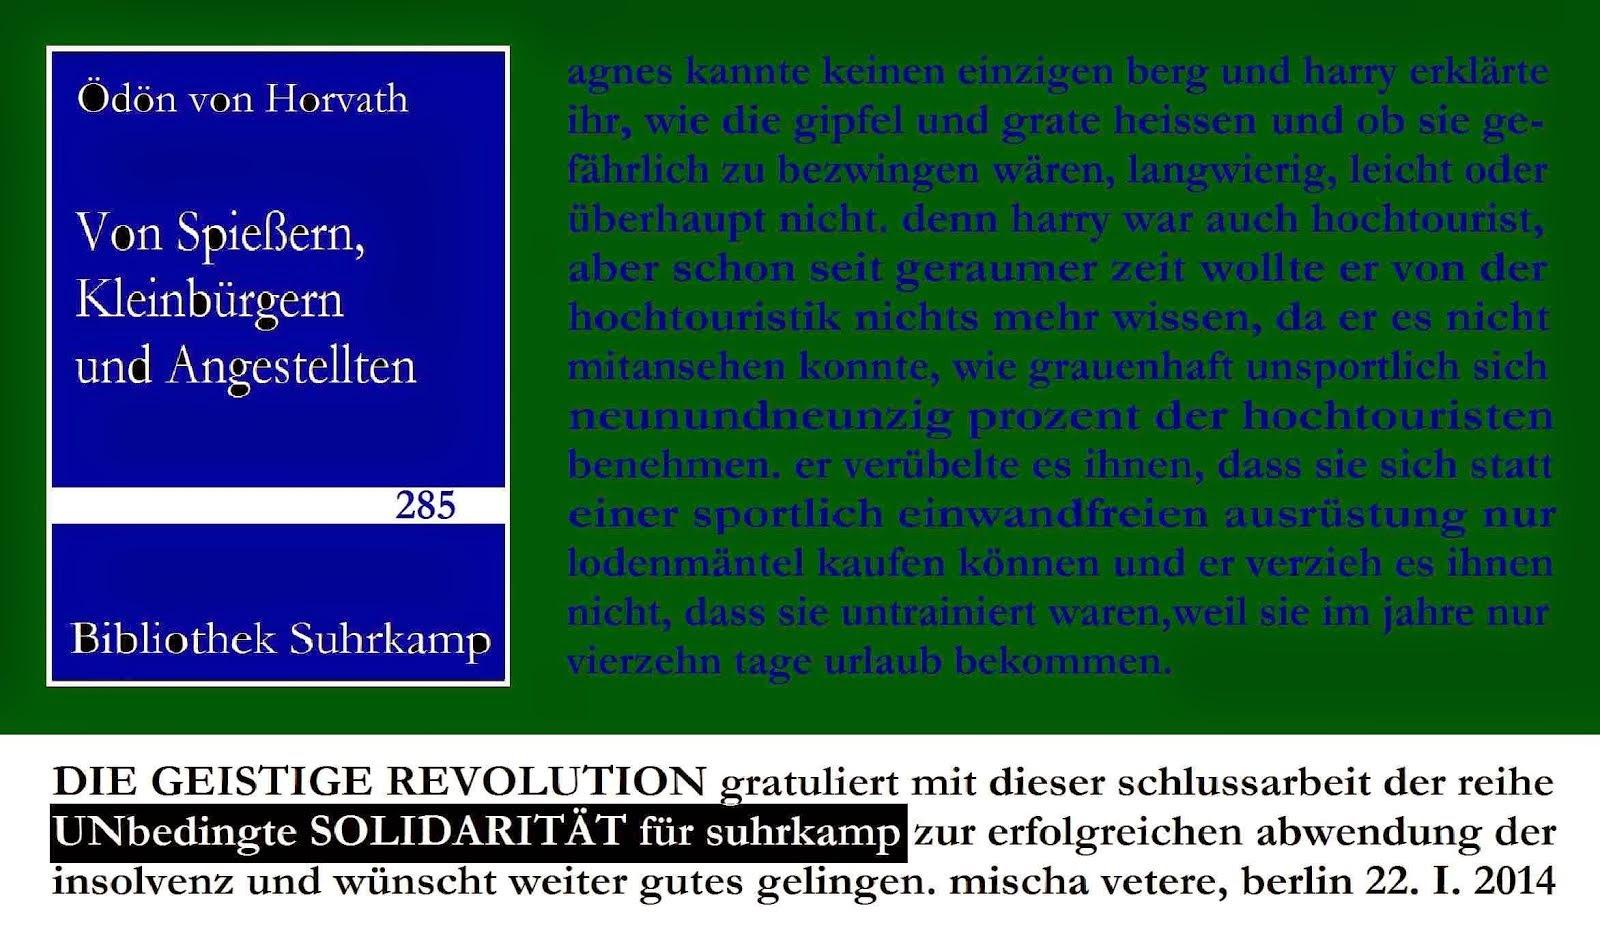 DIE GEISTIGE REVOLUTION mischa vetere unbedingte solitarität unseld erbe 2012 2013 zensur DE